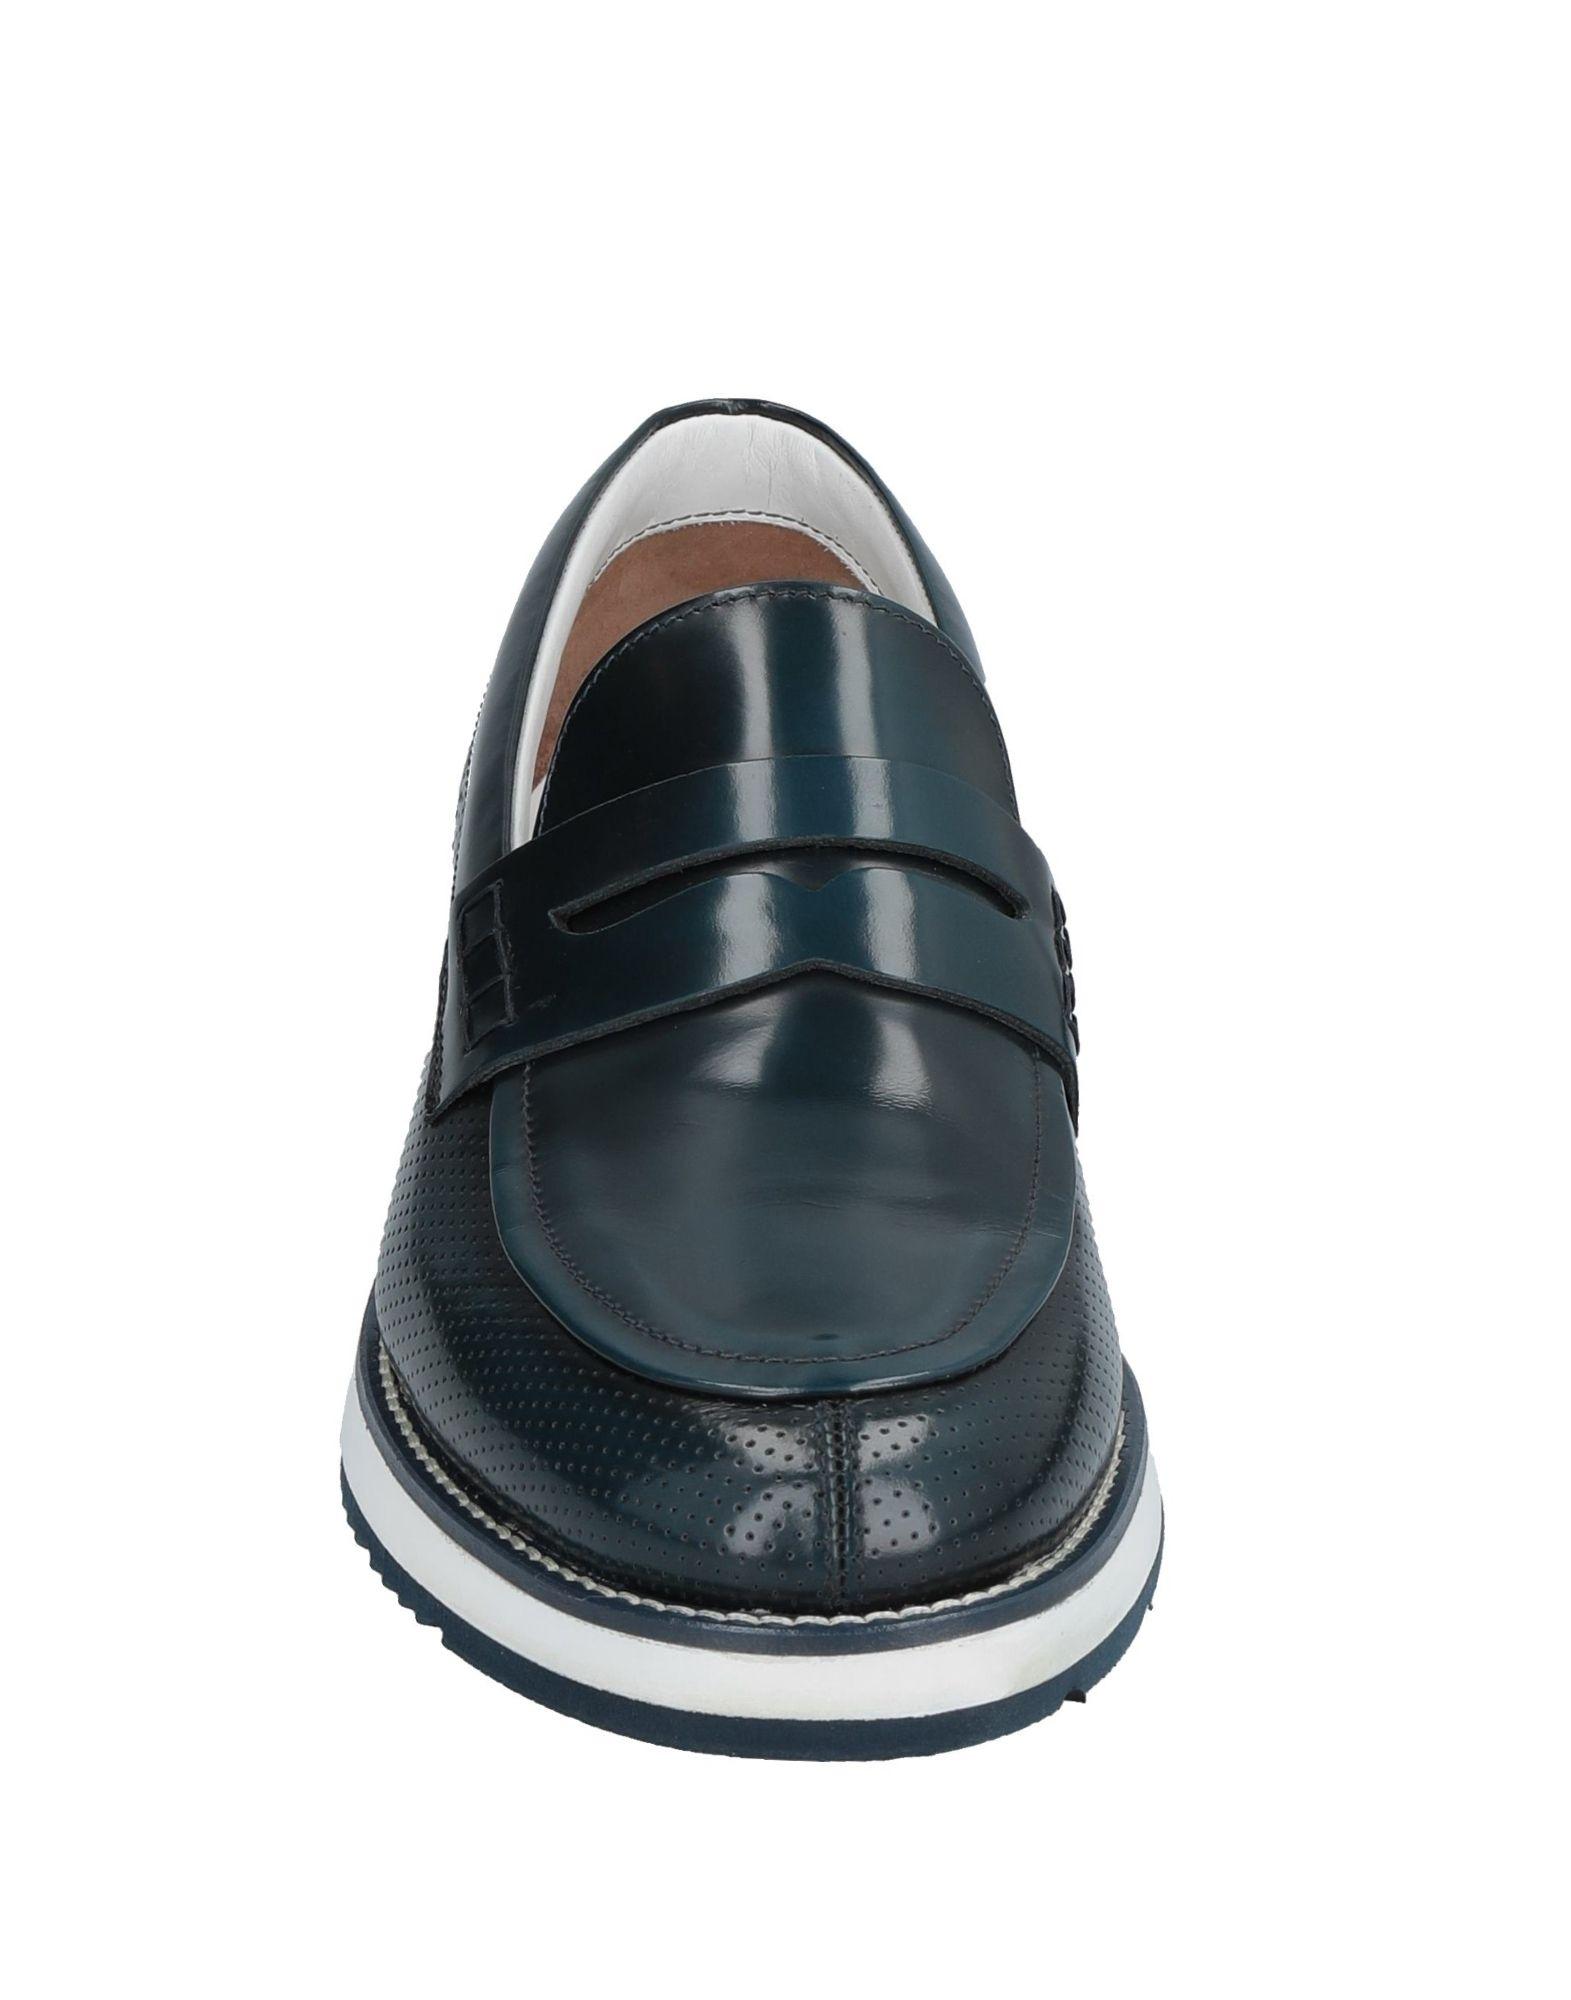 Barleycorn Mokassins Herren  11535925ON Gute Qualität beliebte Schuhe